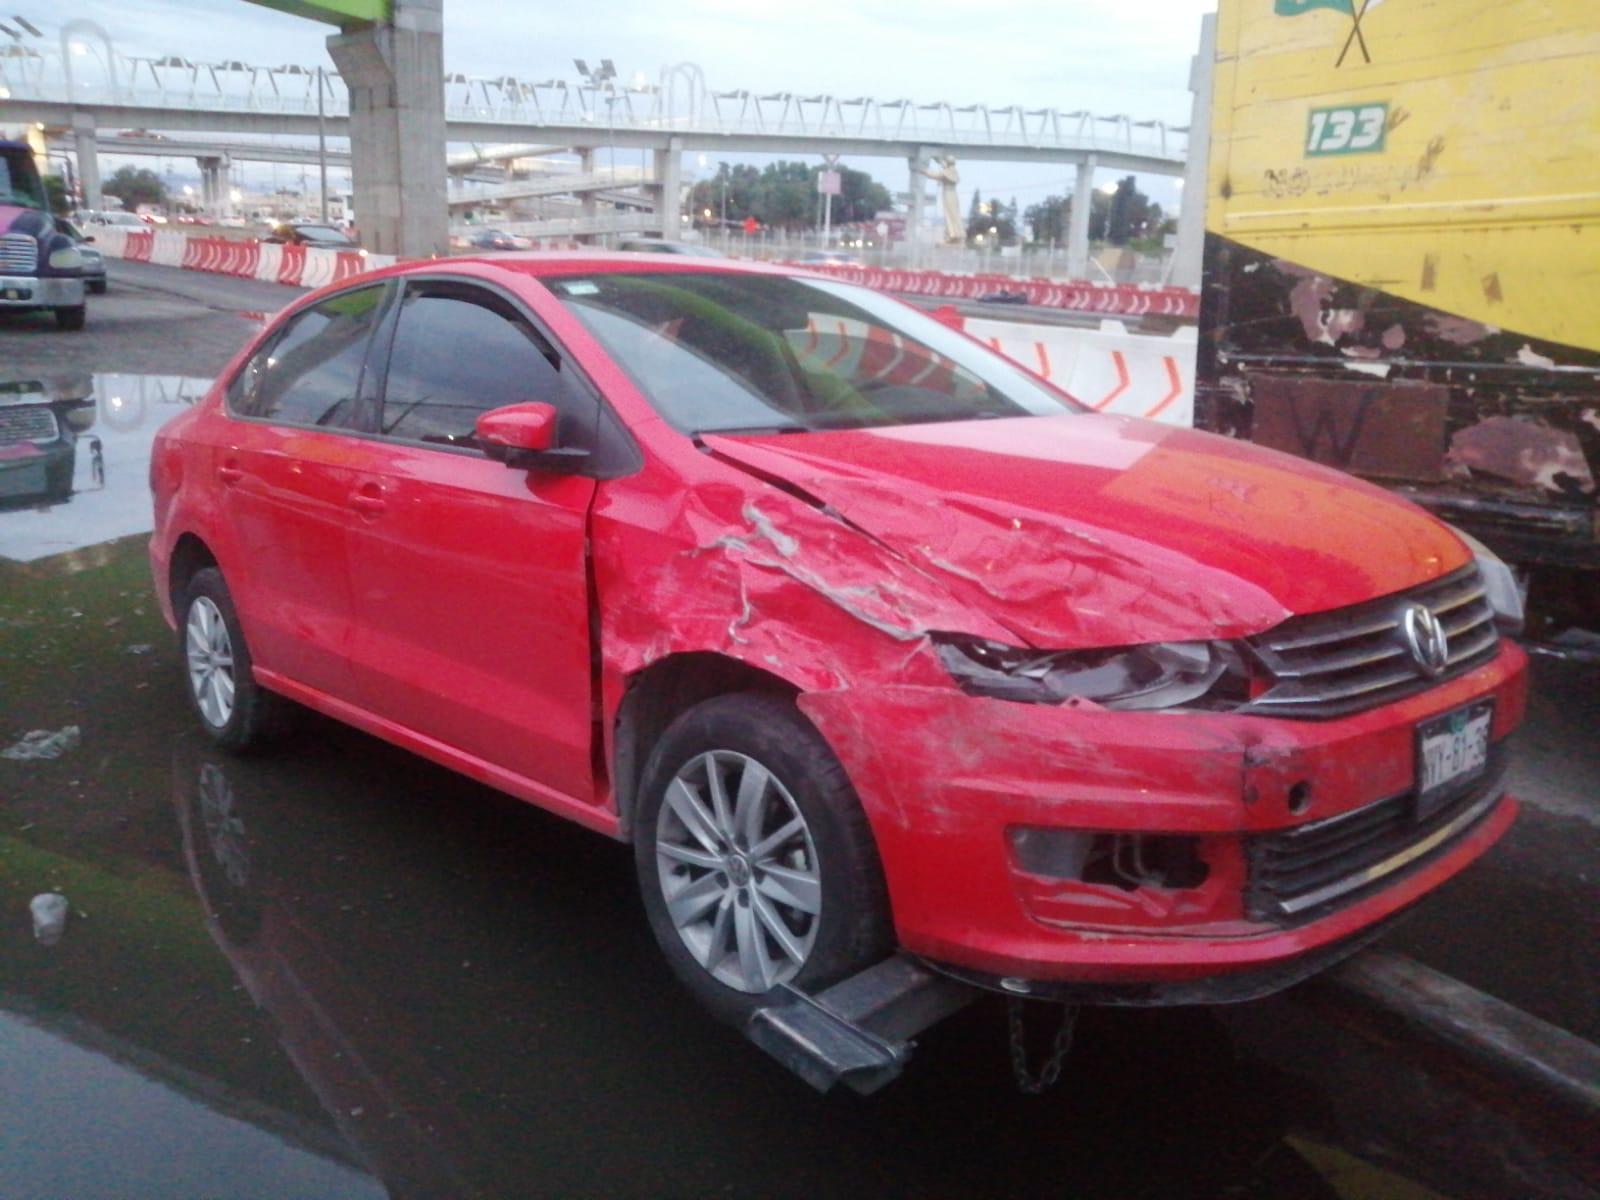 Policías de Ecatepec detienen a dos sujetos que robaron camioneta y provocaron fuerte accidente